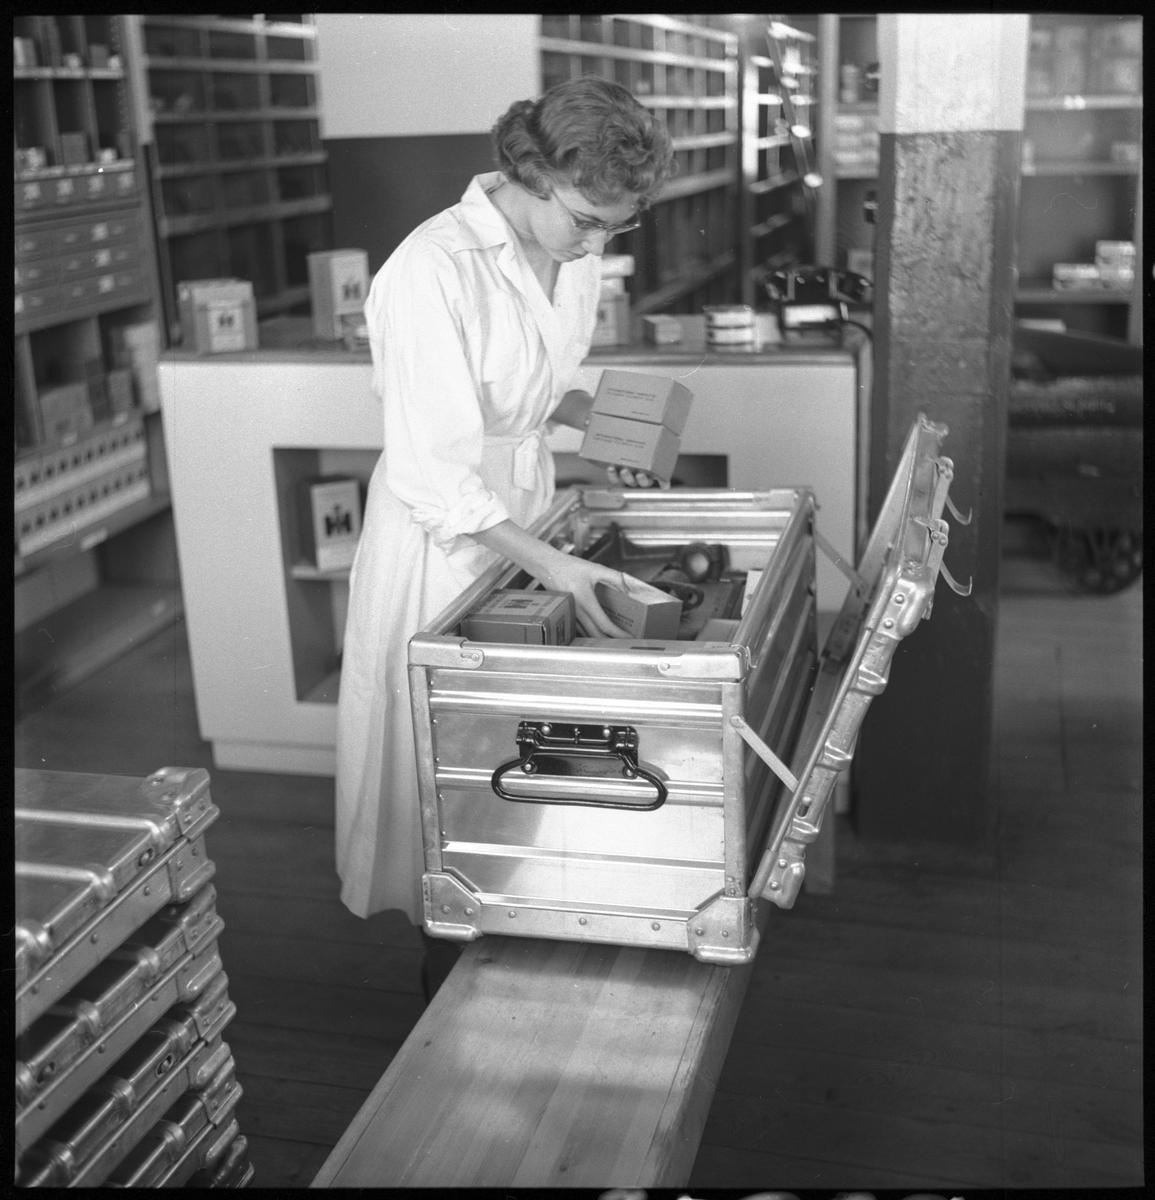 Kvinna instruerar hur man monterar småbehållare SJ La 10386, hopfällbar box av plåt.